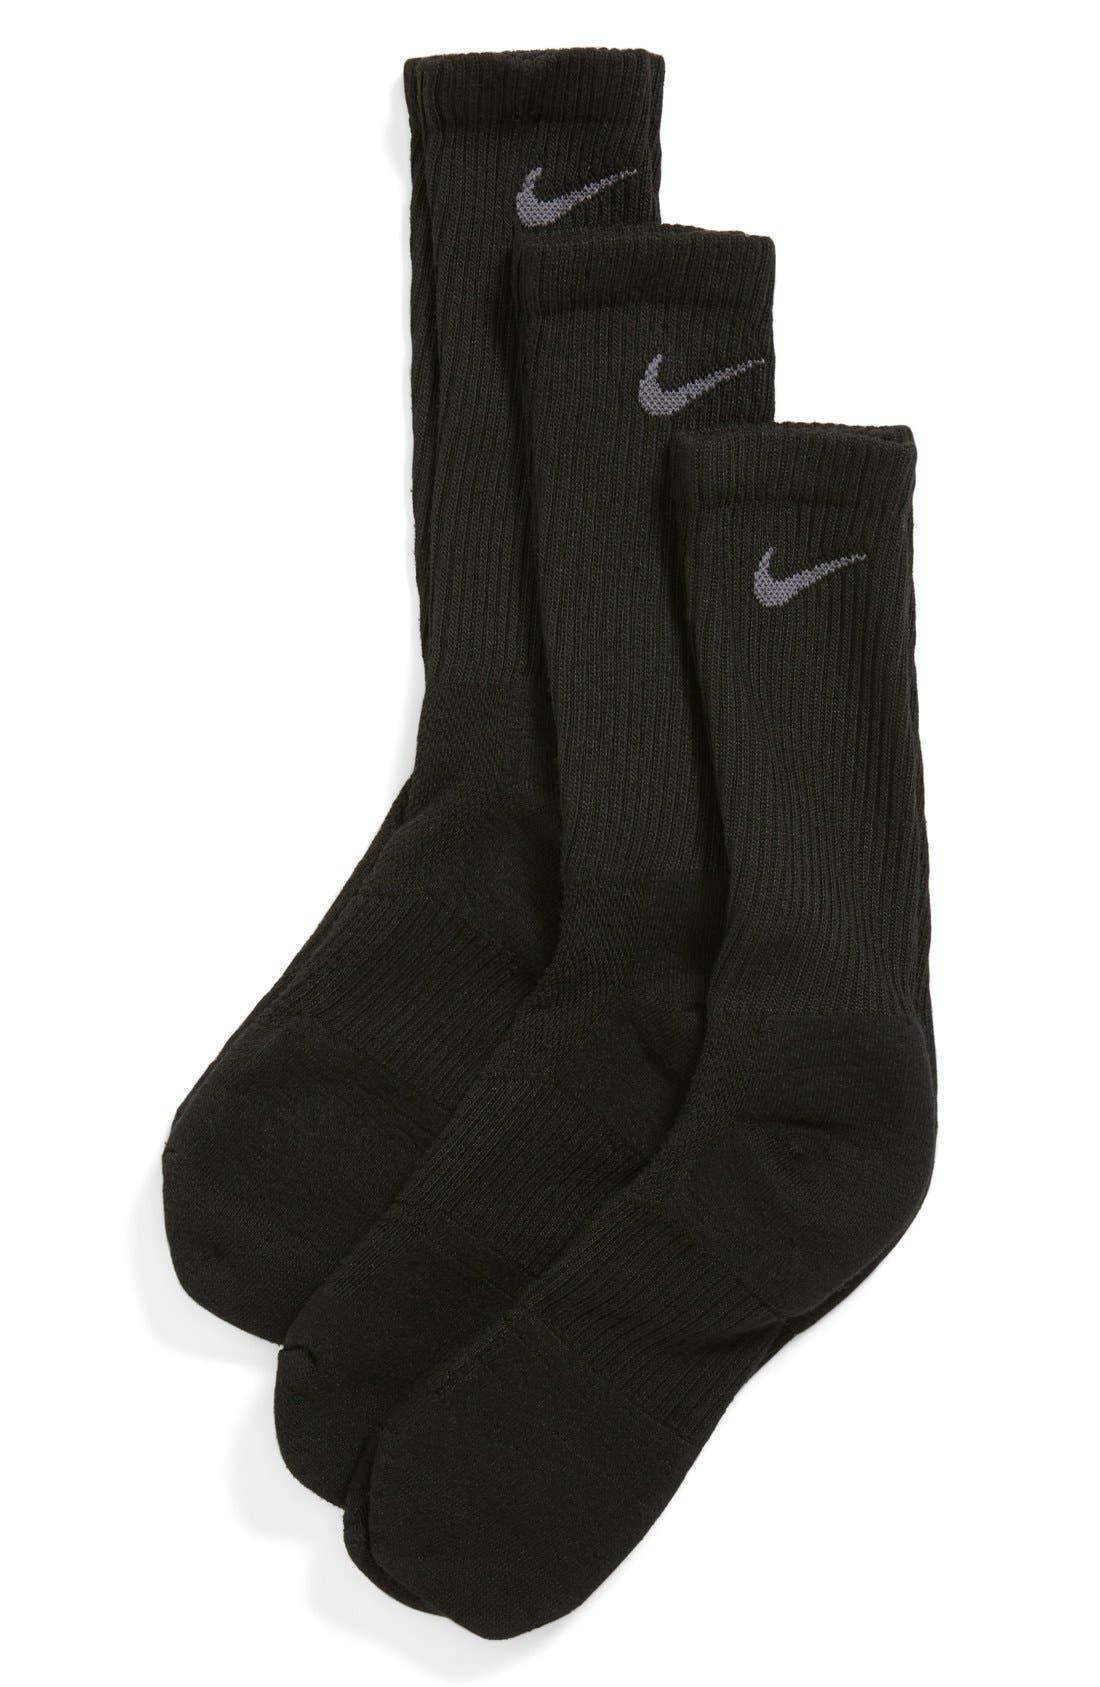 Main Image - Nike Dri-FIT 3-Pack Crew Socks